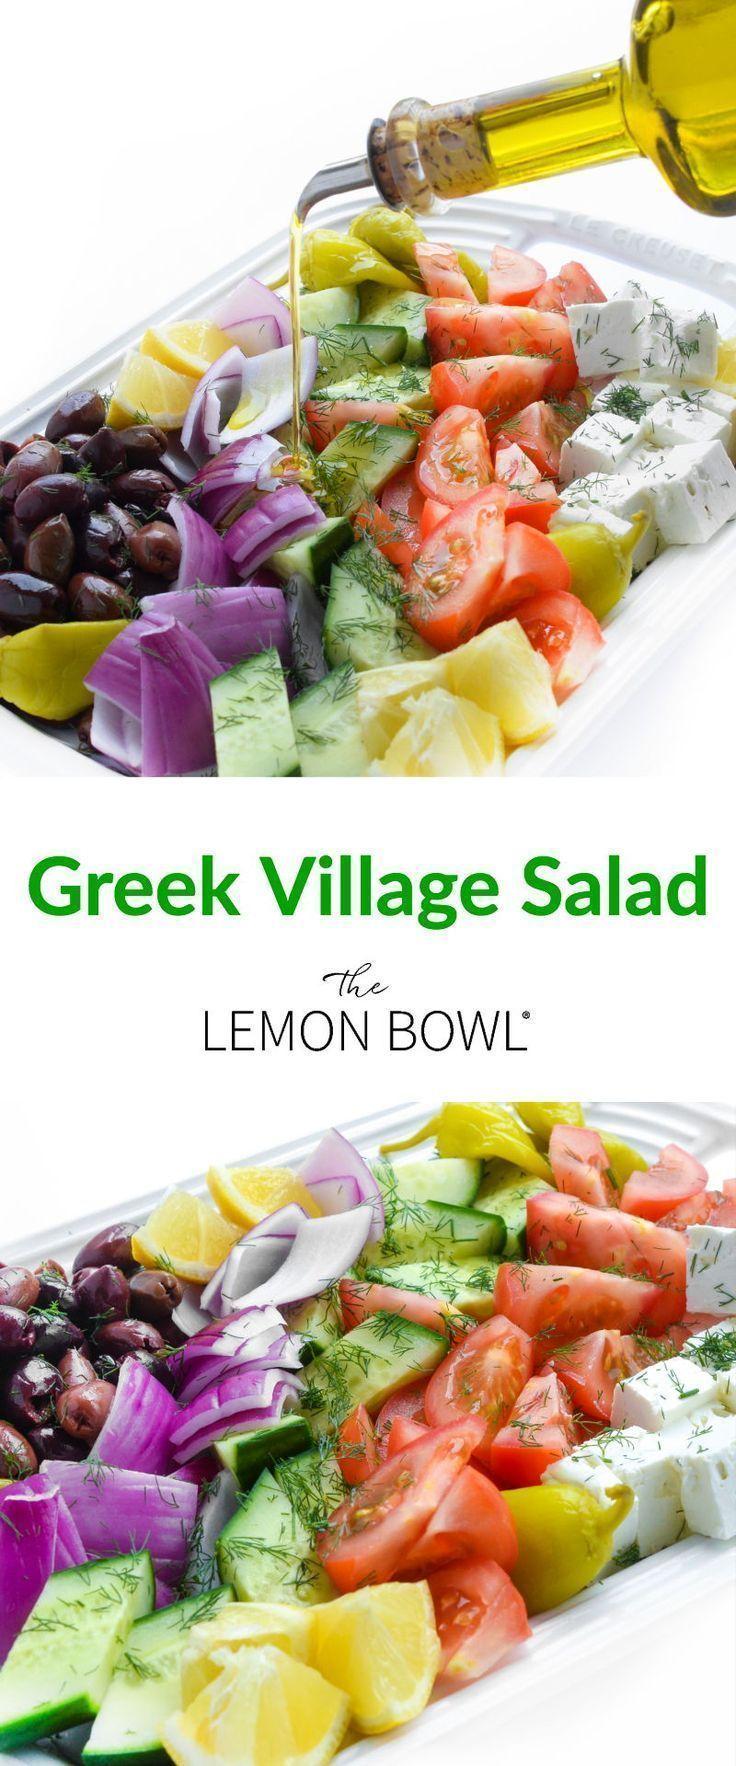 Mit reifen Tomaten knusprigen Gurken und cremigem Feta wird Ihre Familie diesen traditionellen griechischen Dorfsalat lieben.